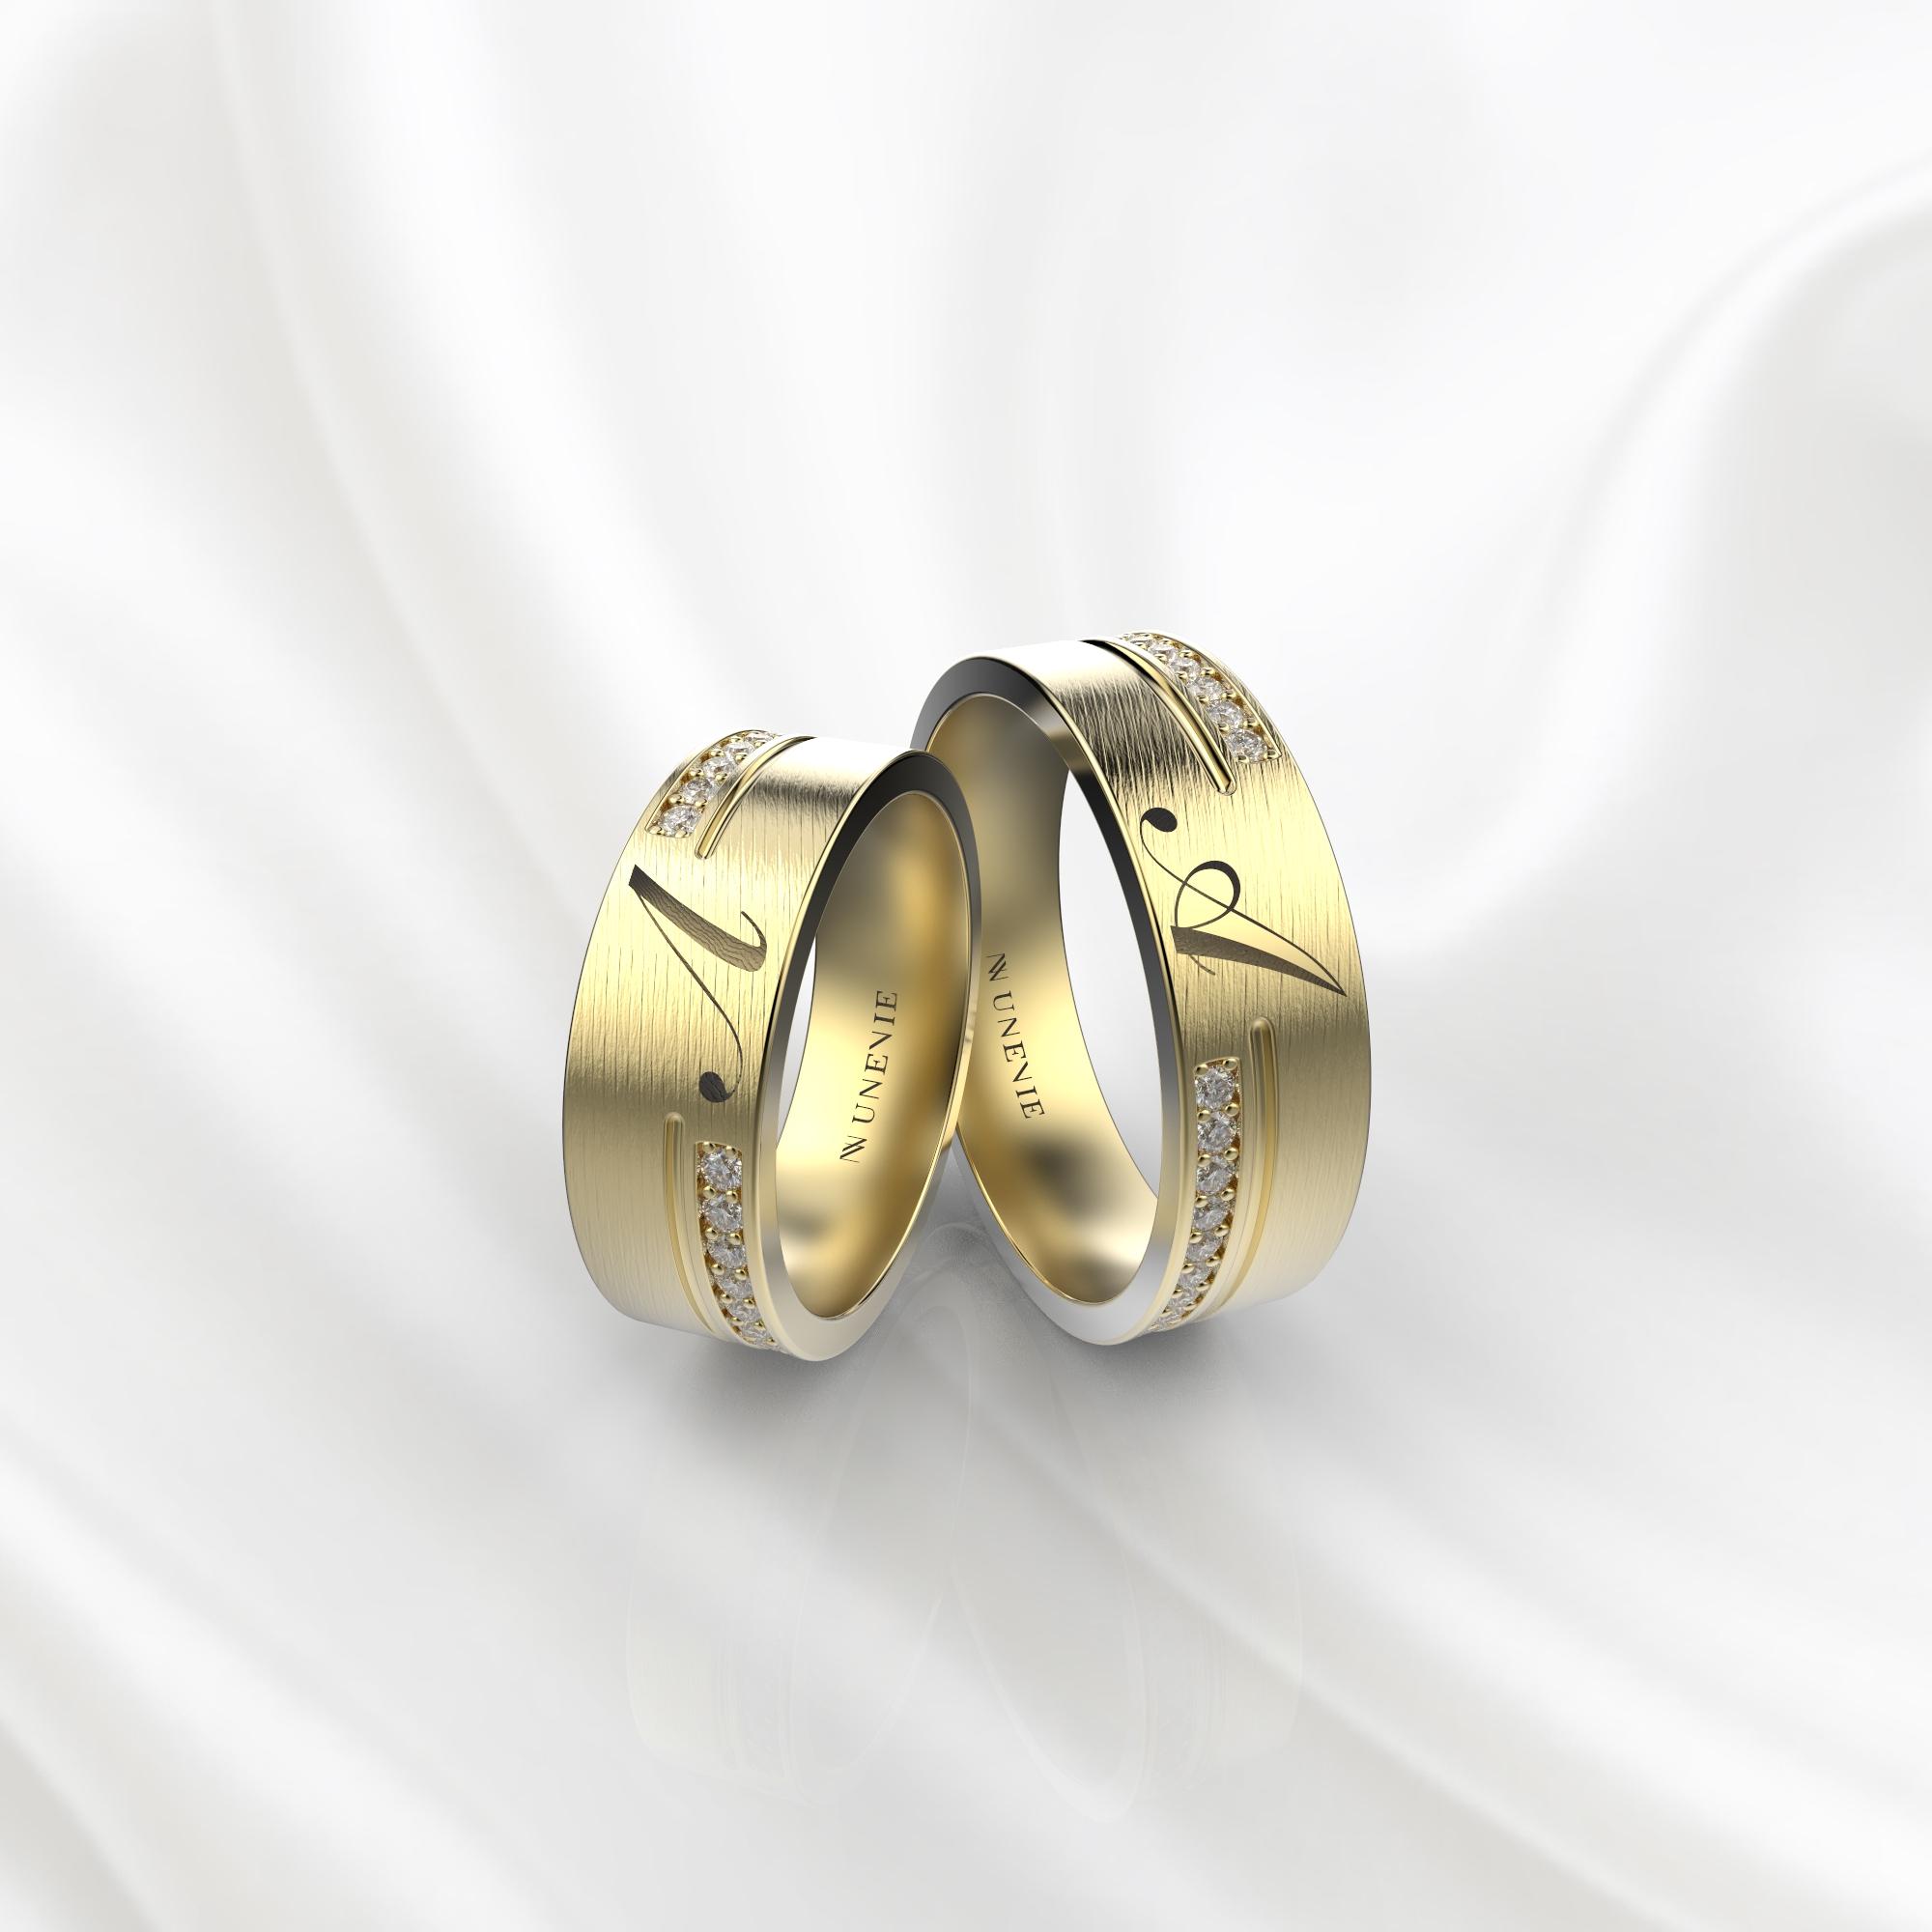 NV61 Парные обручальные кольца из желтого золота с гравировкой